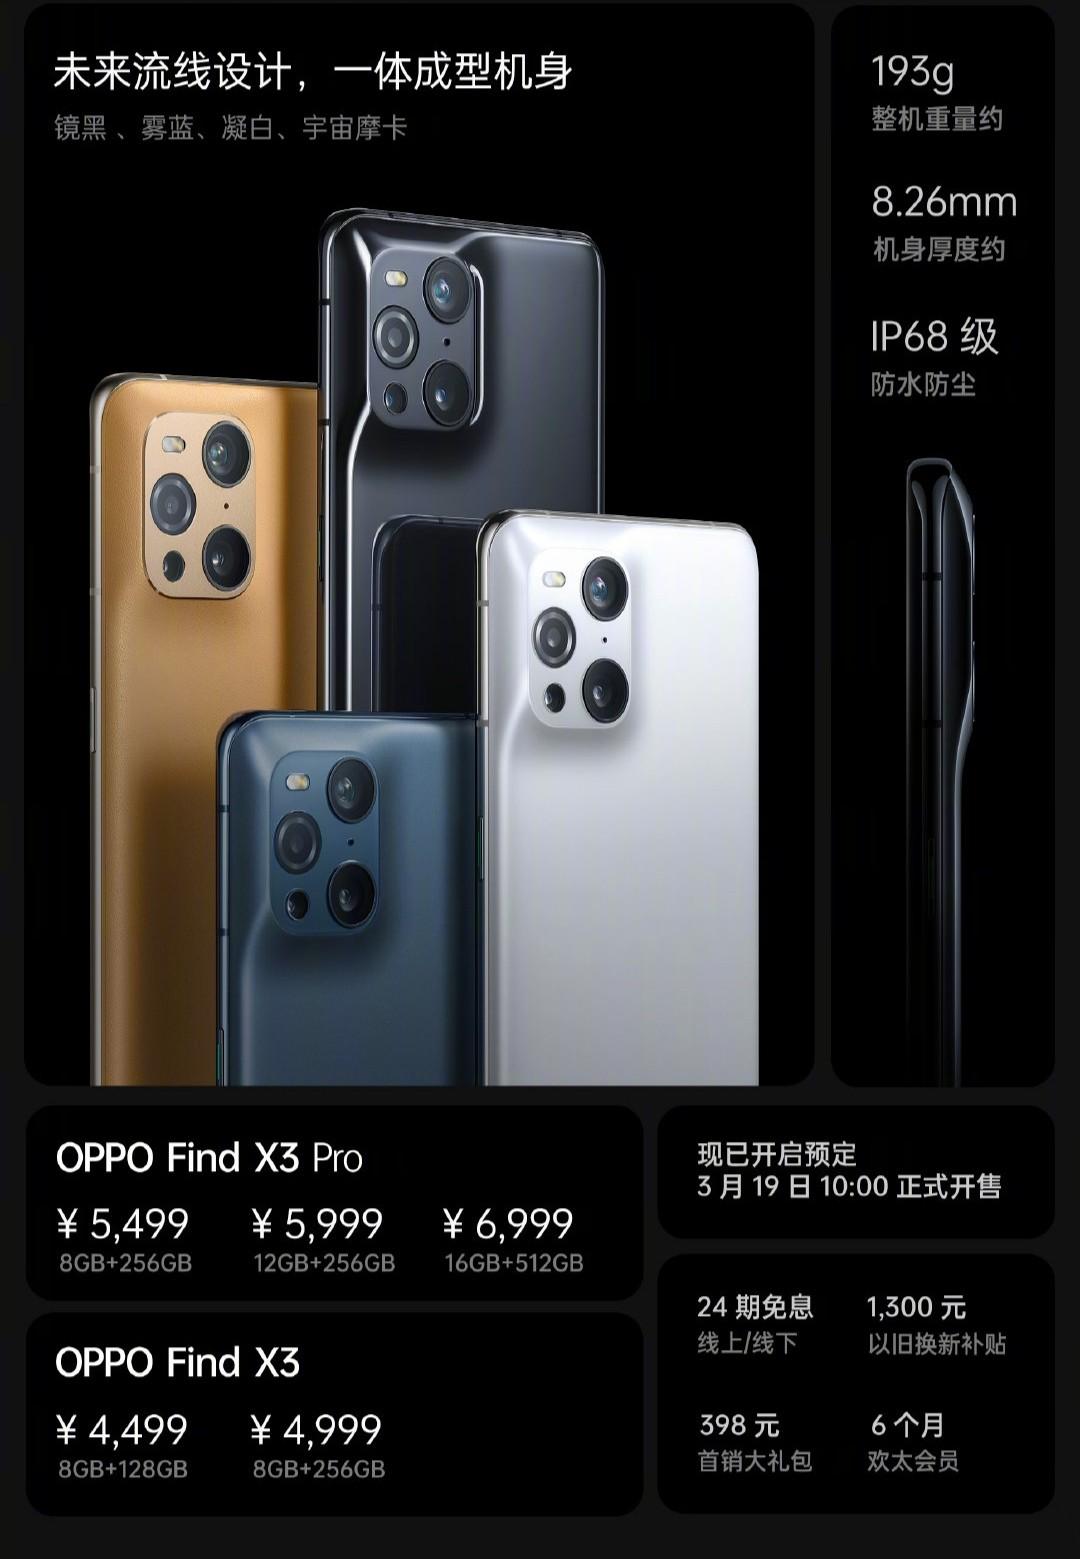 色彩影像旗舰OPPO Find X3系列发布,创新技术让记忆更鲜活插图1